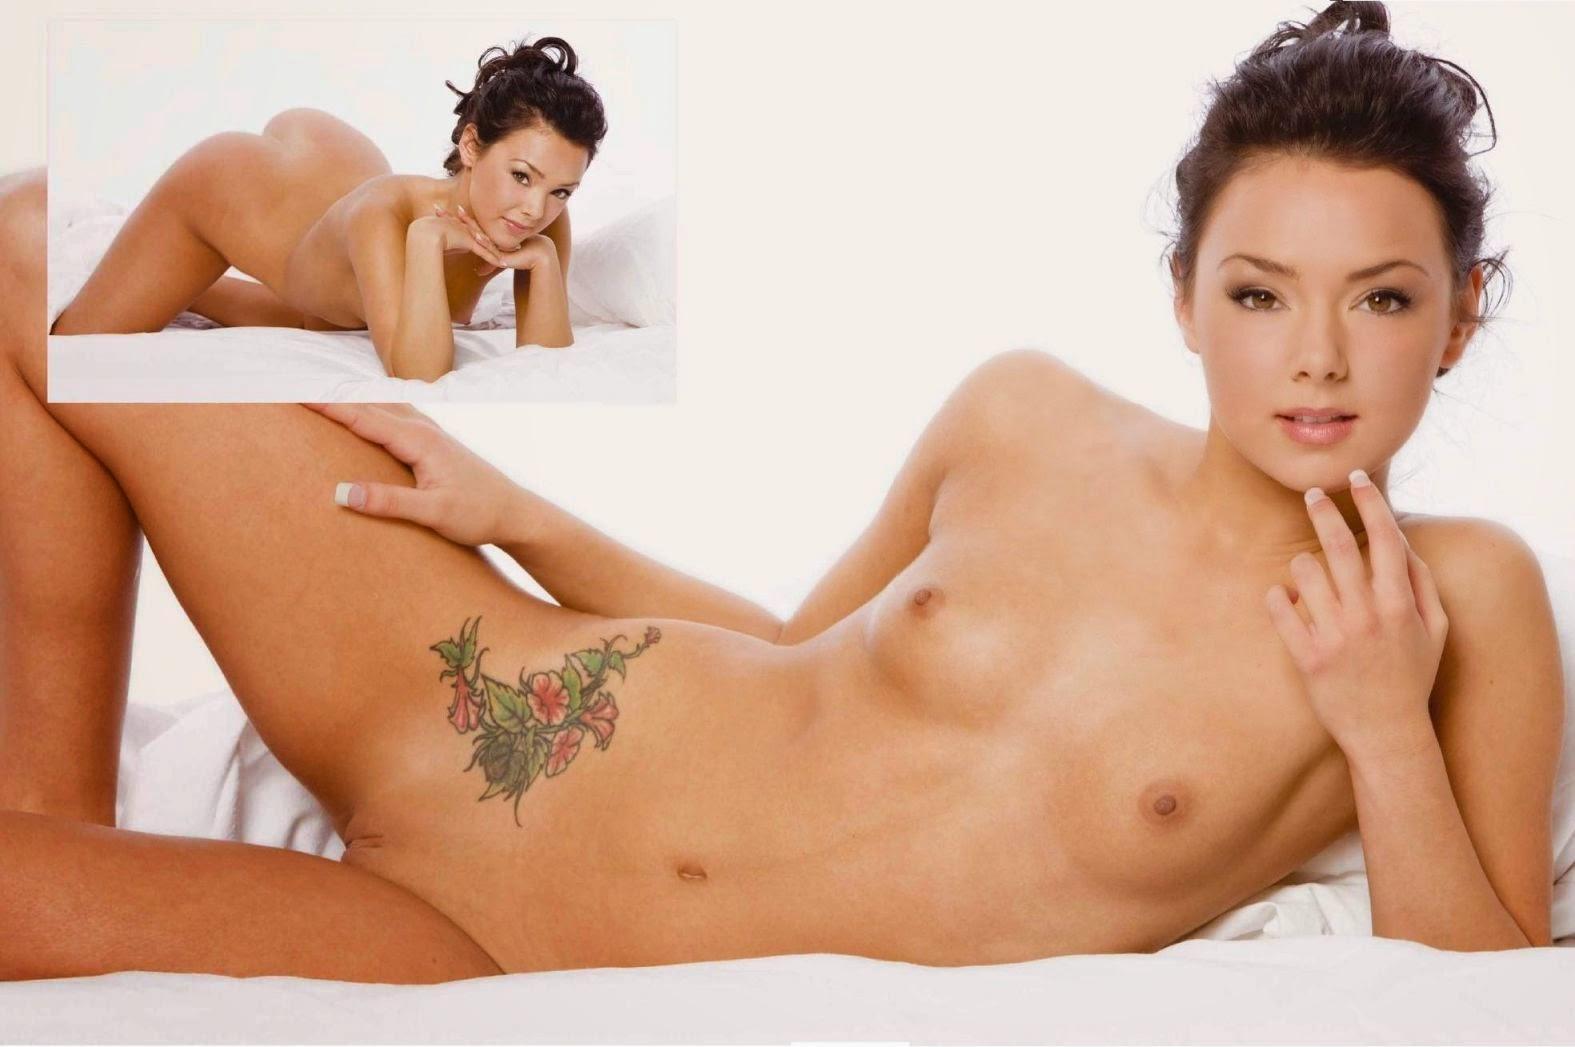 lana tailer nude